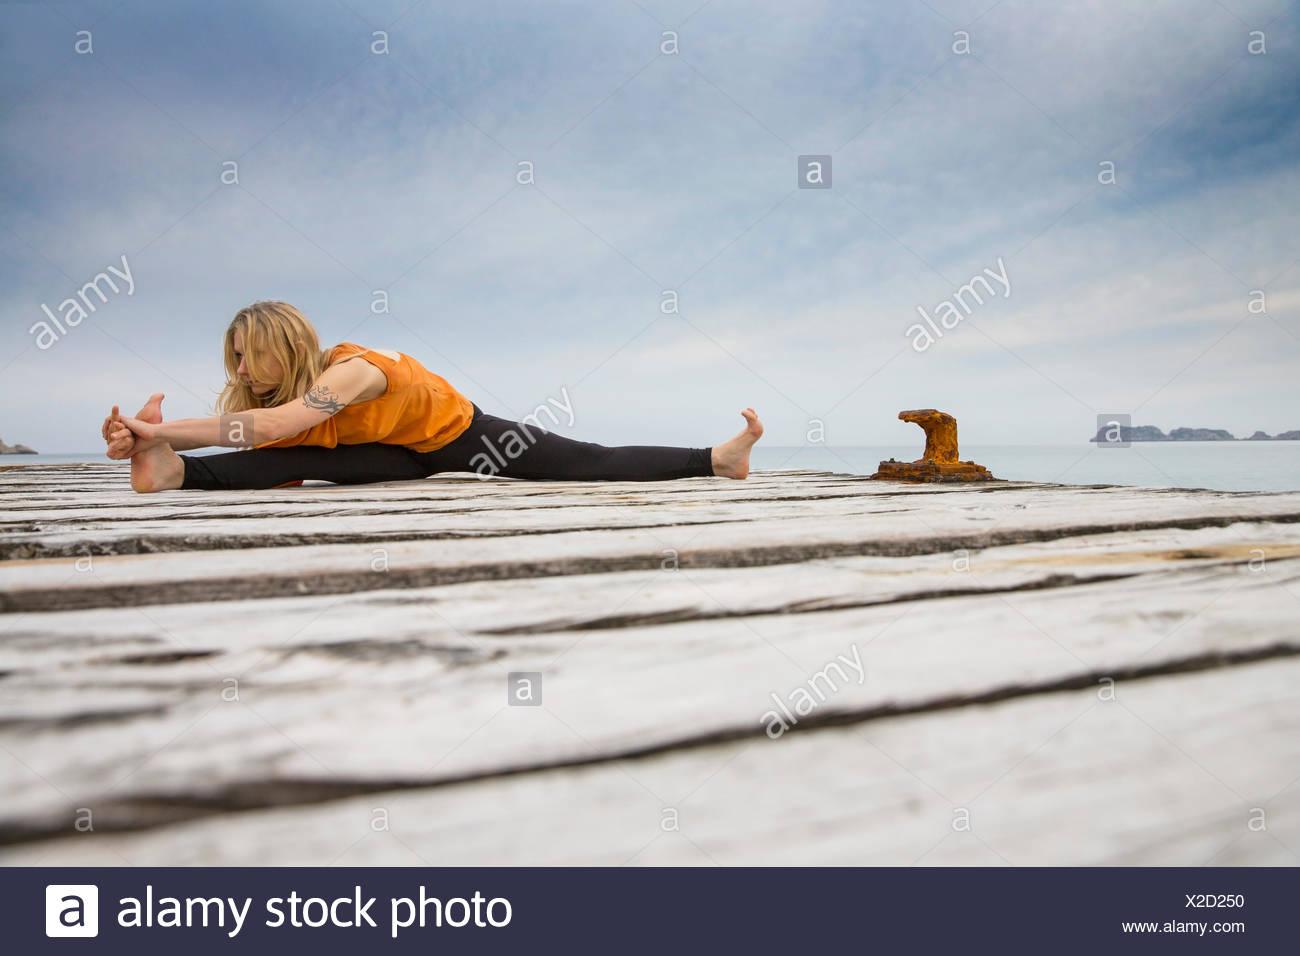 Mitte Erwachsene Frau praktizieren Yoga auf hölzernen See pier Stockfoto